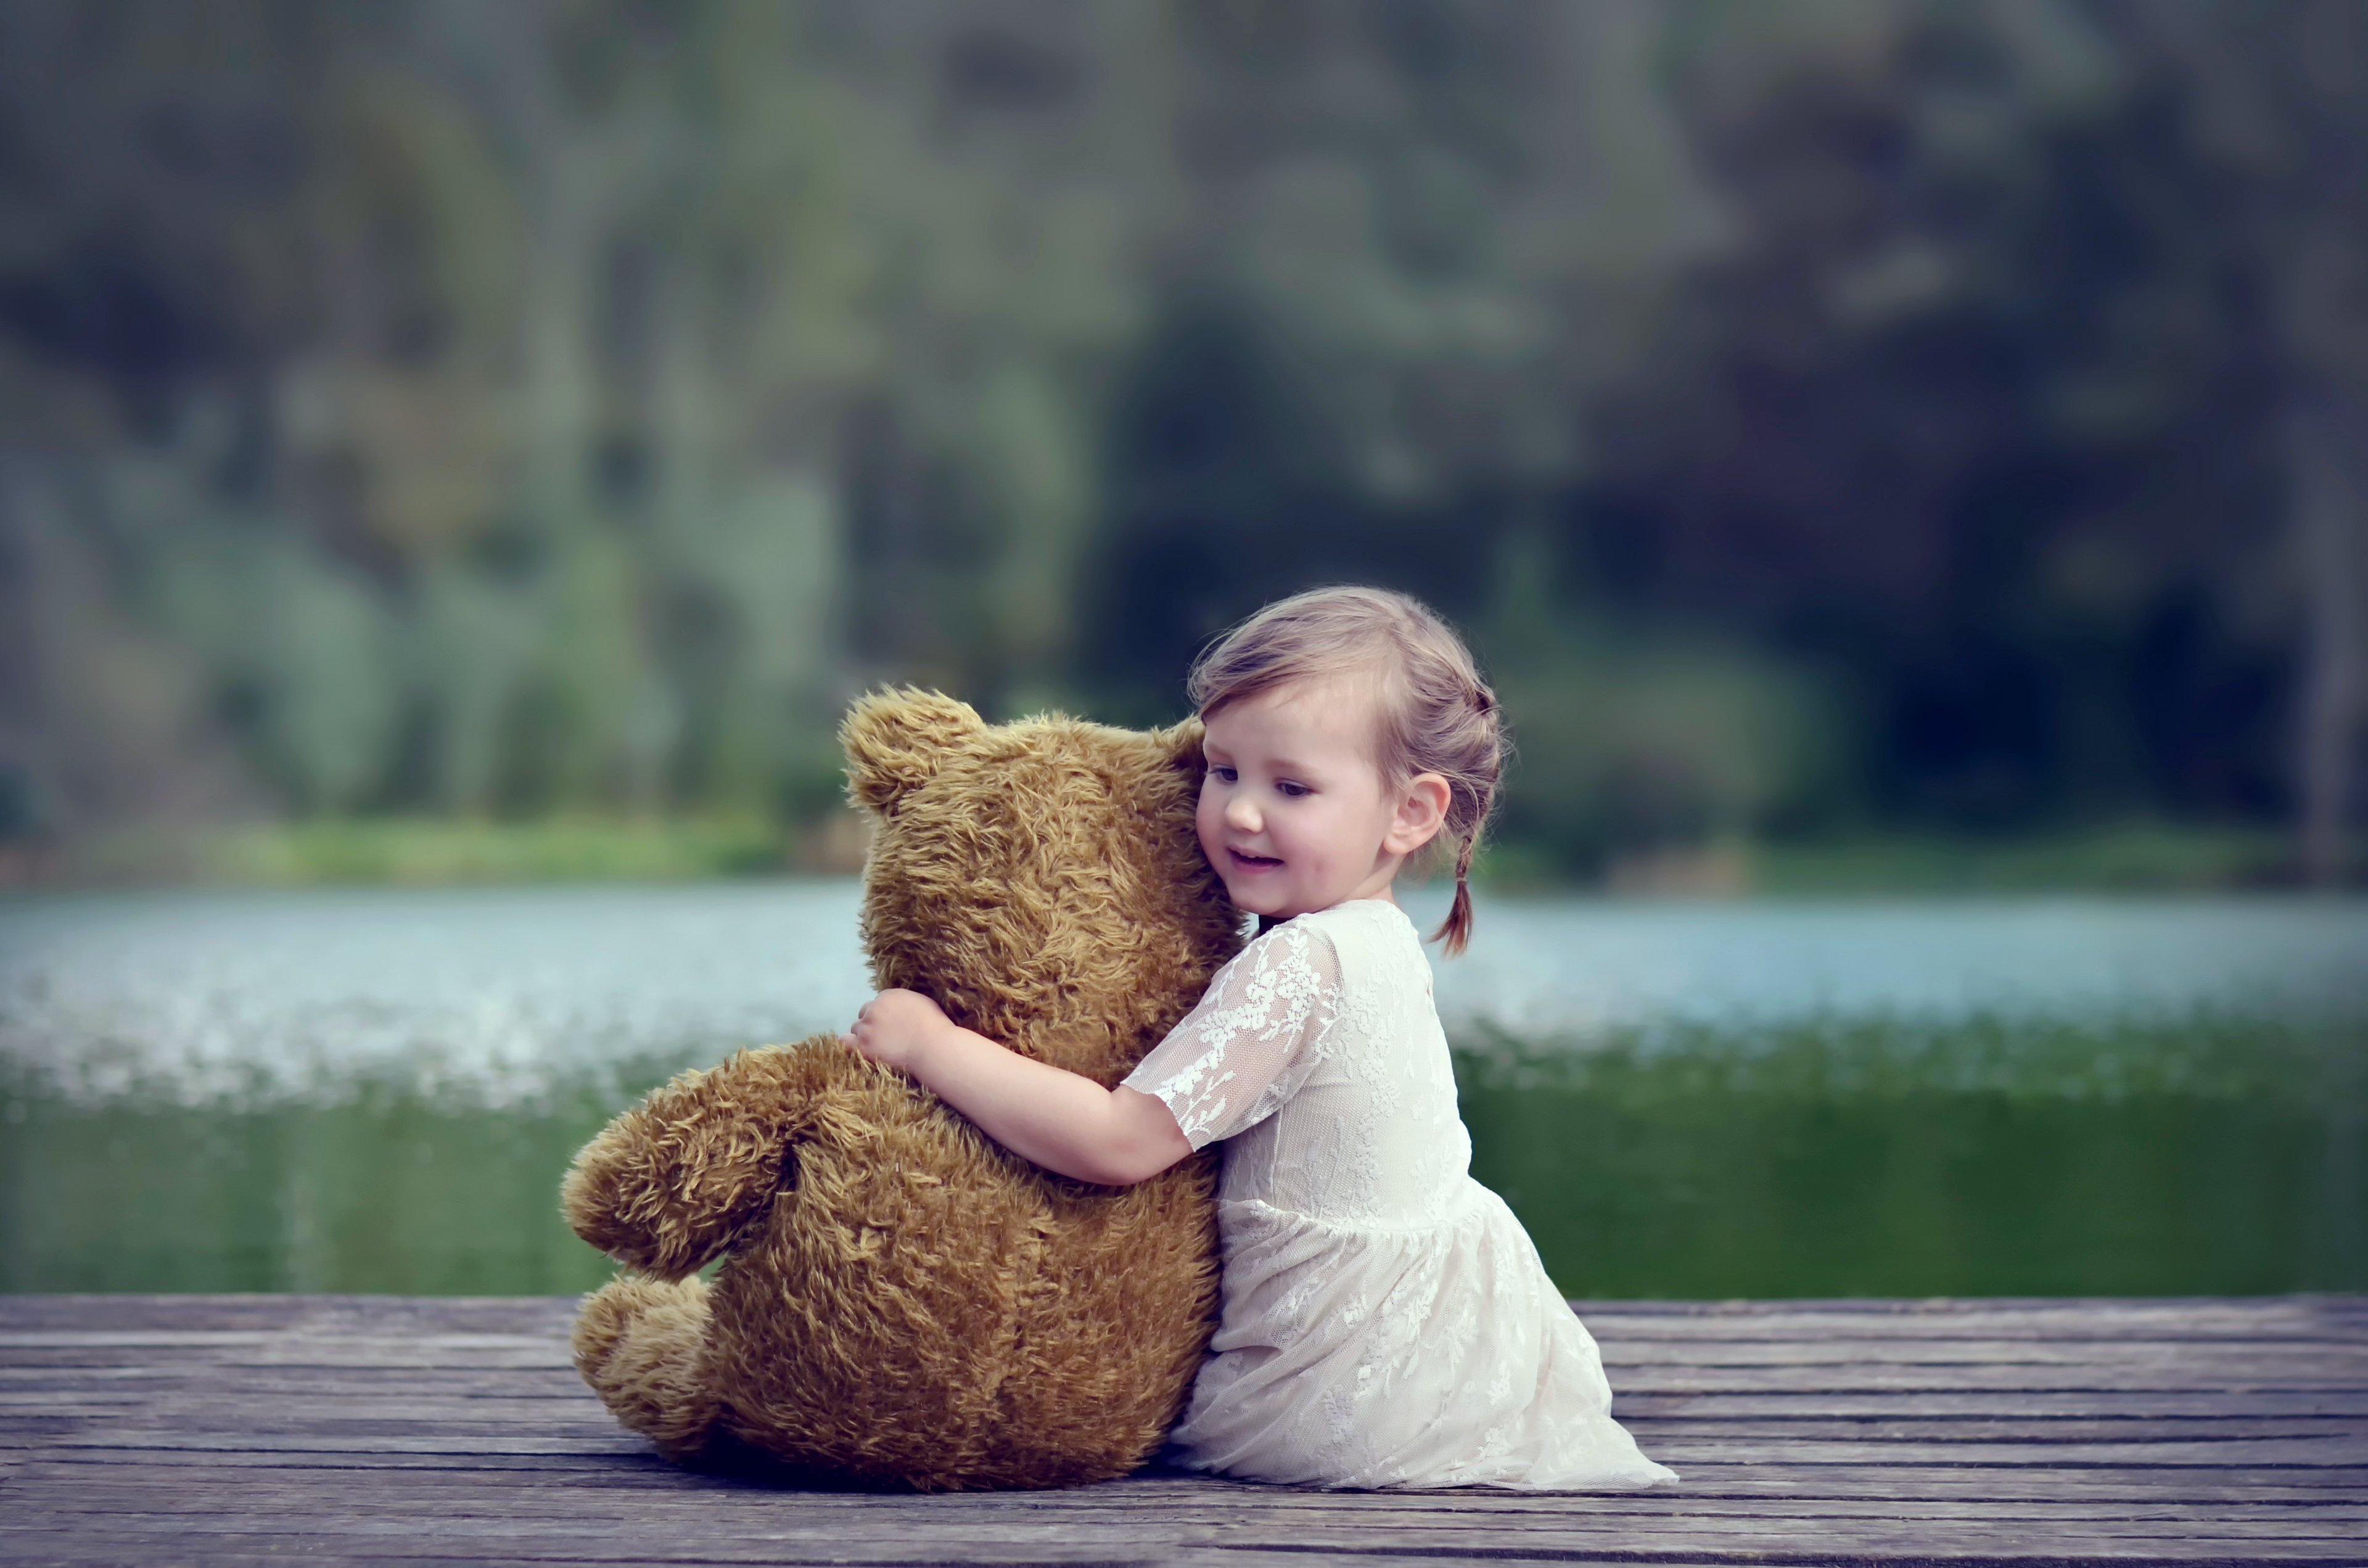 Картинки девочку с мишкой